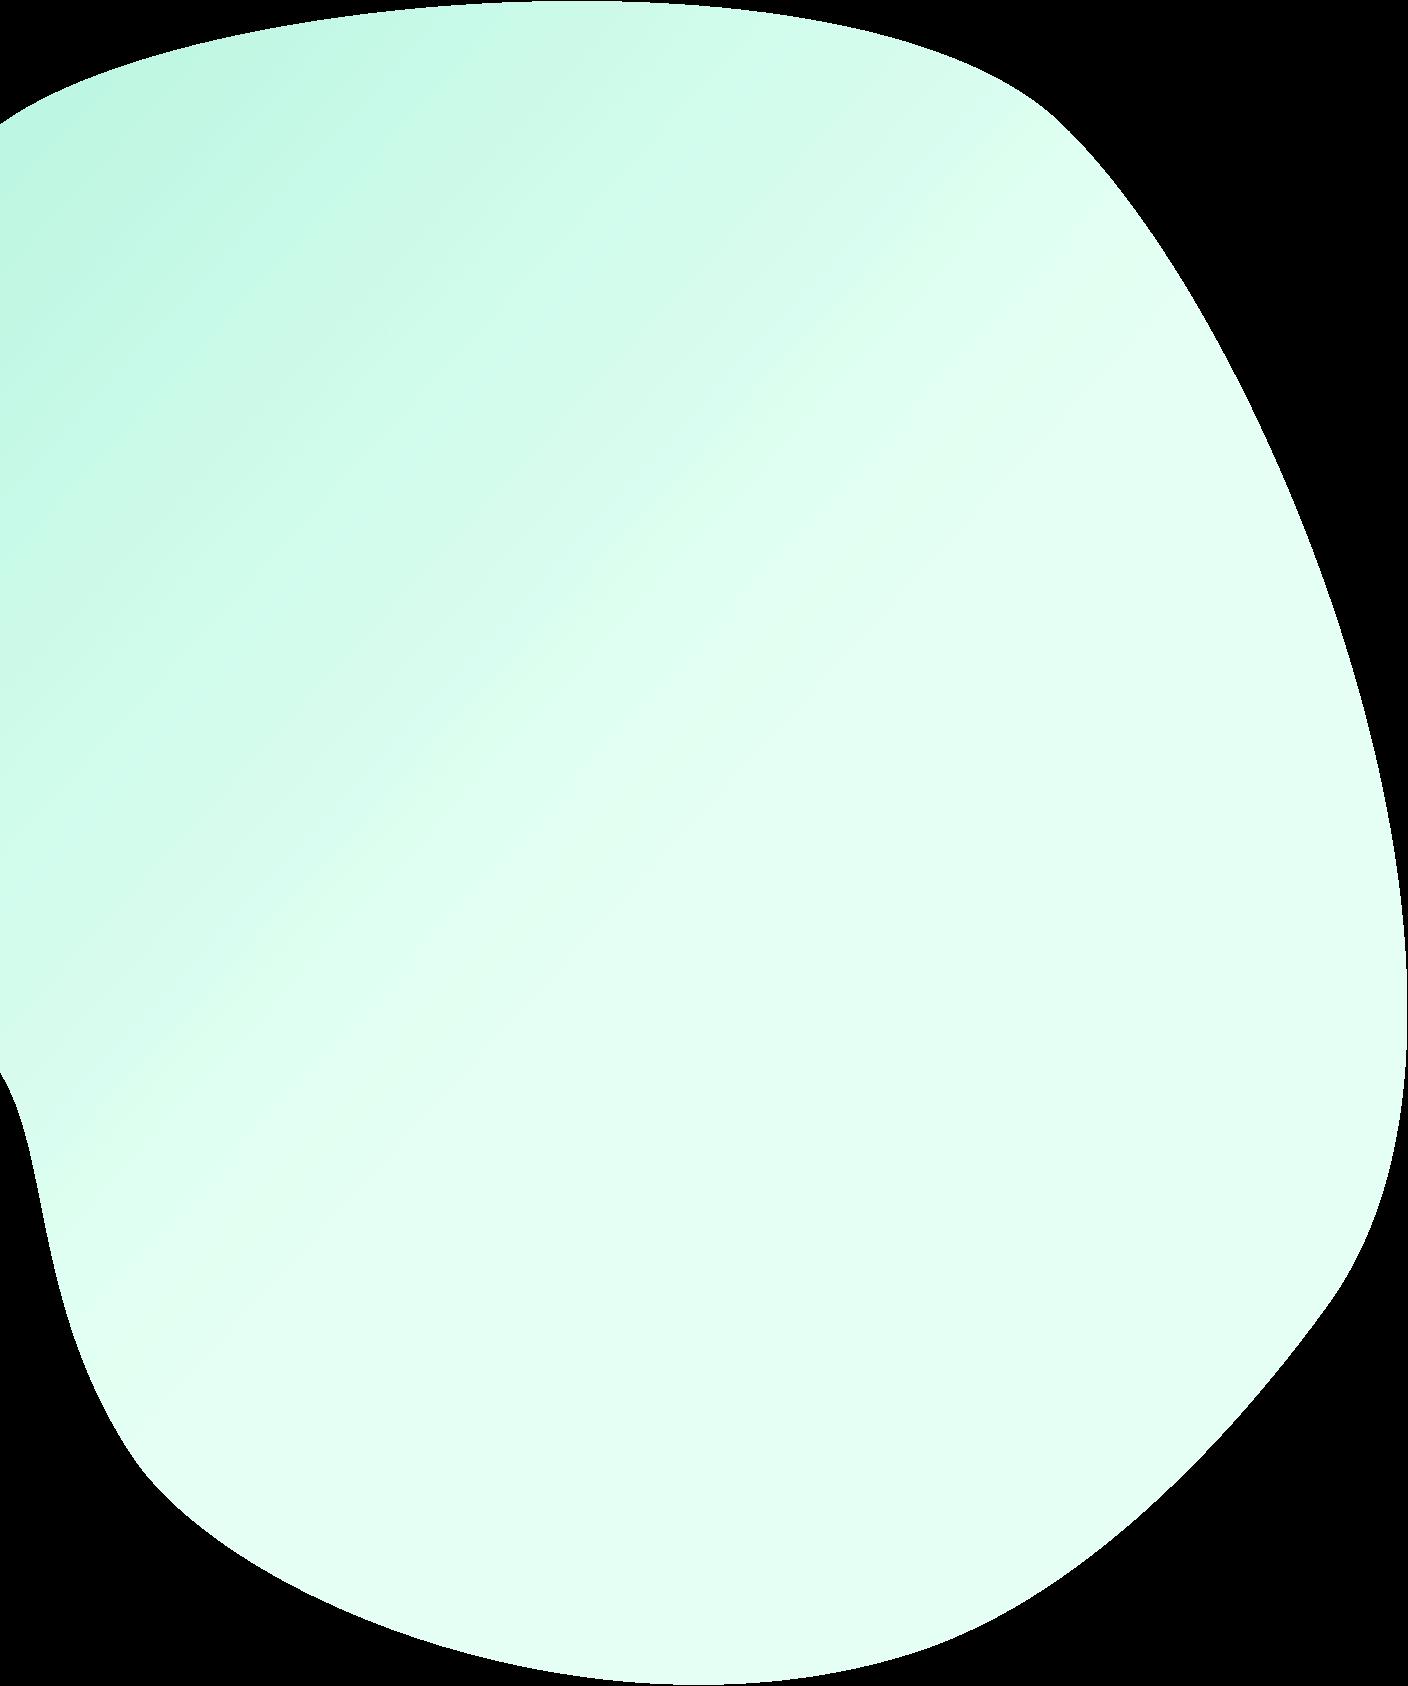 bg1-img-1